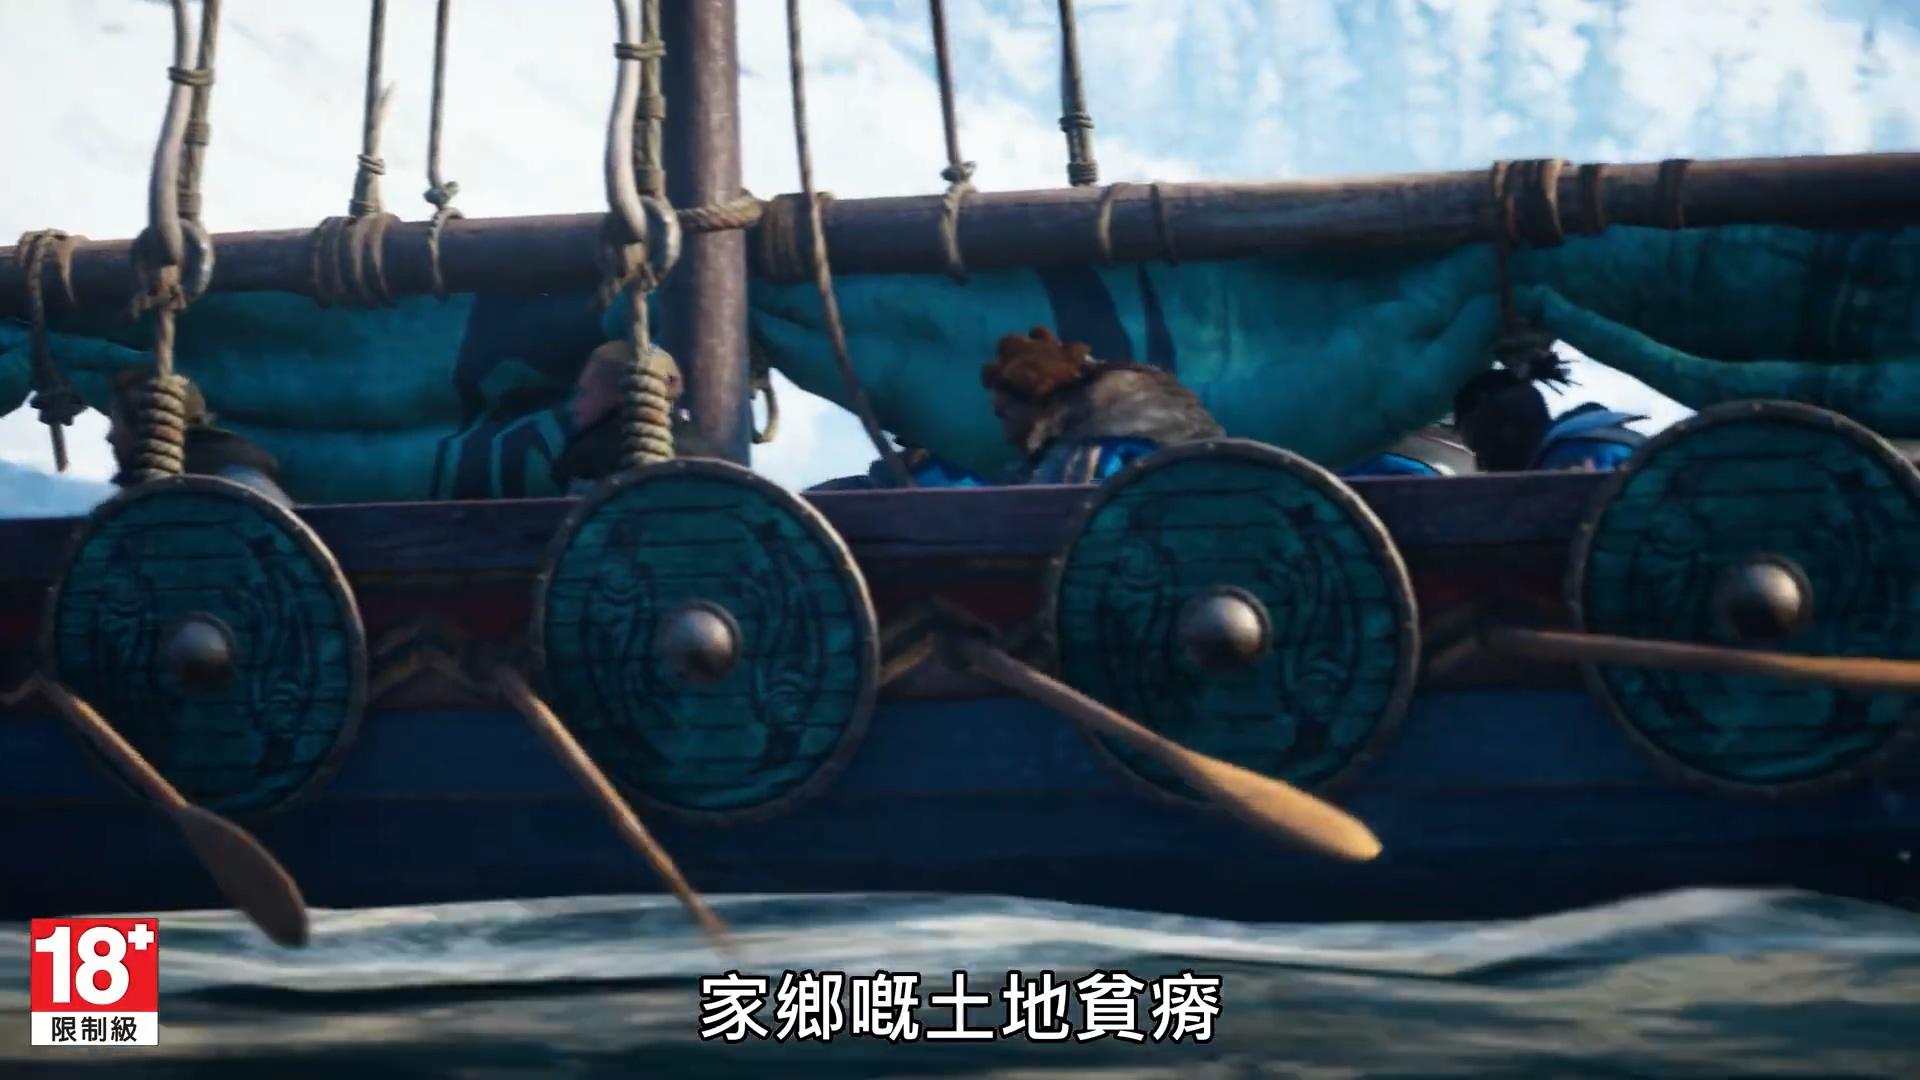 《刺客信条:英灵殿》媒体称赞预告片 粤语配音